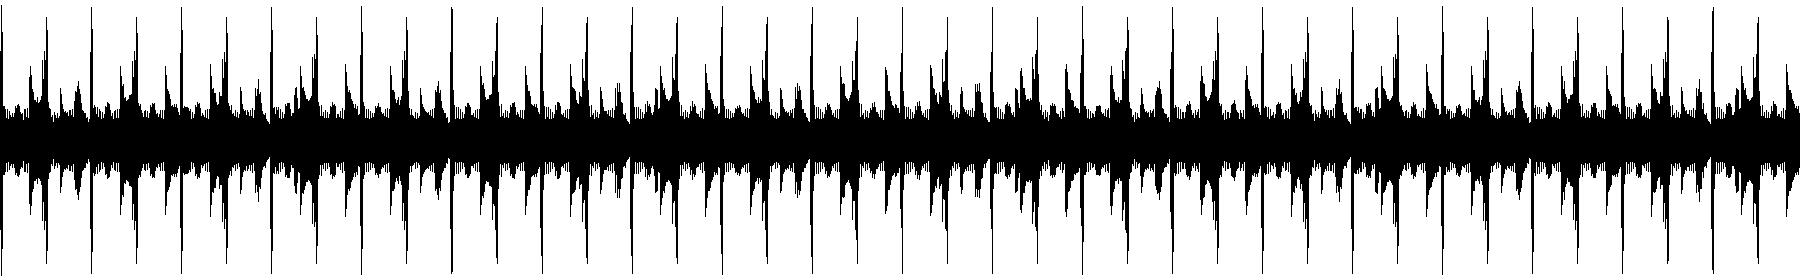 mixed shuffle beat